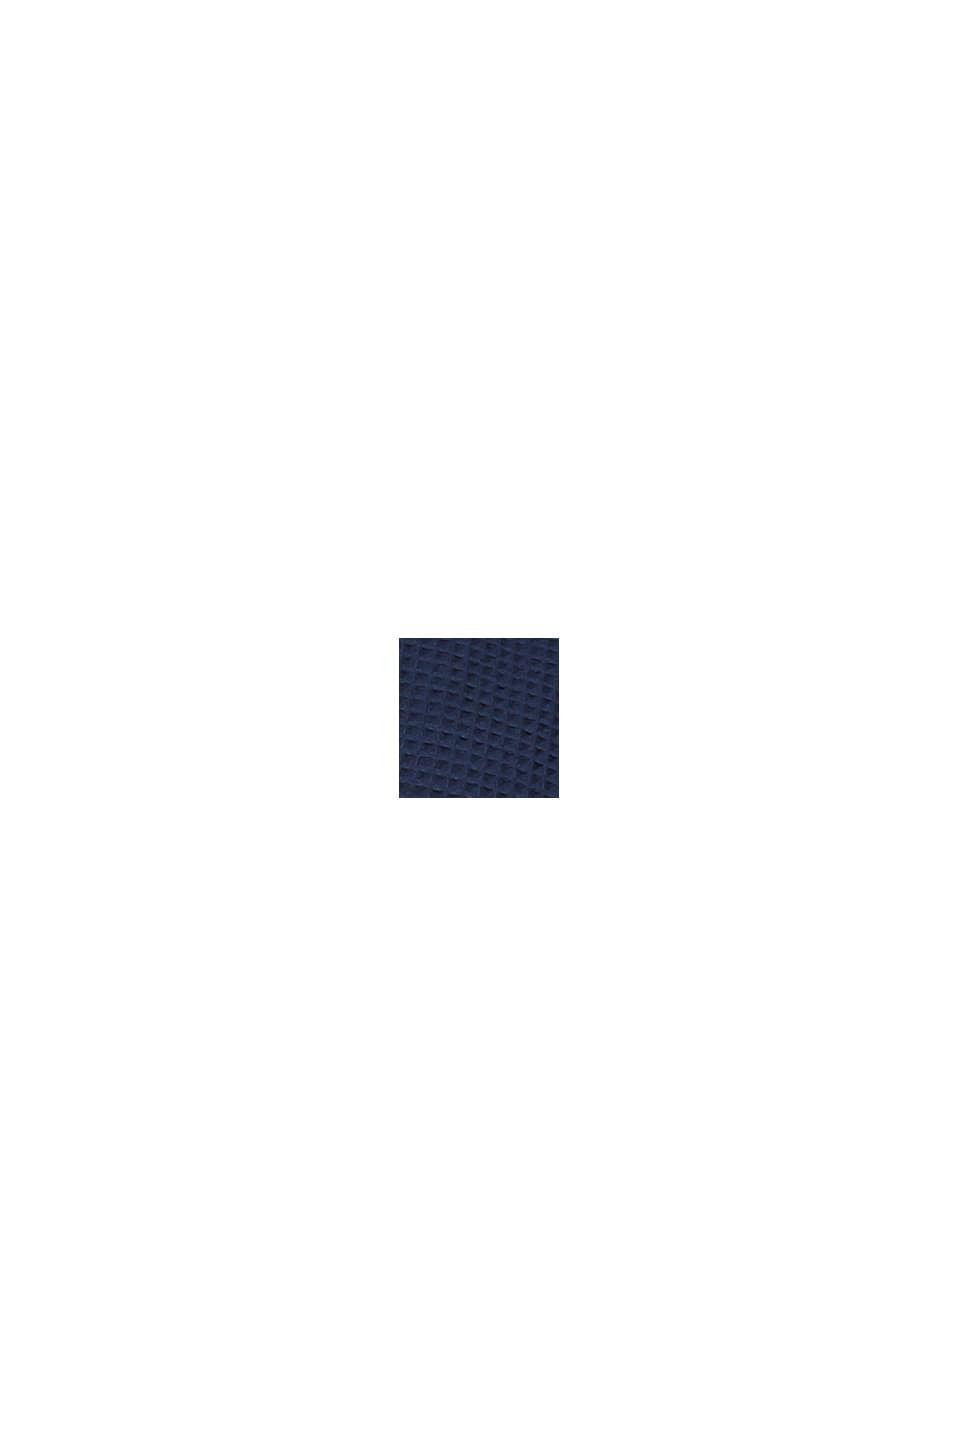 Herren Bademantel aus Waffelpiqué, Baumwolle, NAVY BLUE, swatch